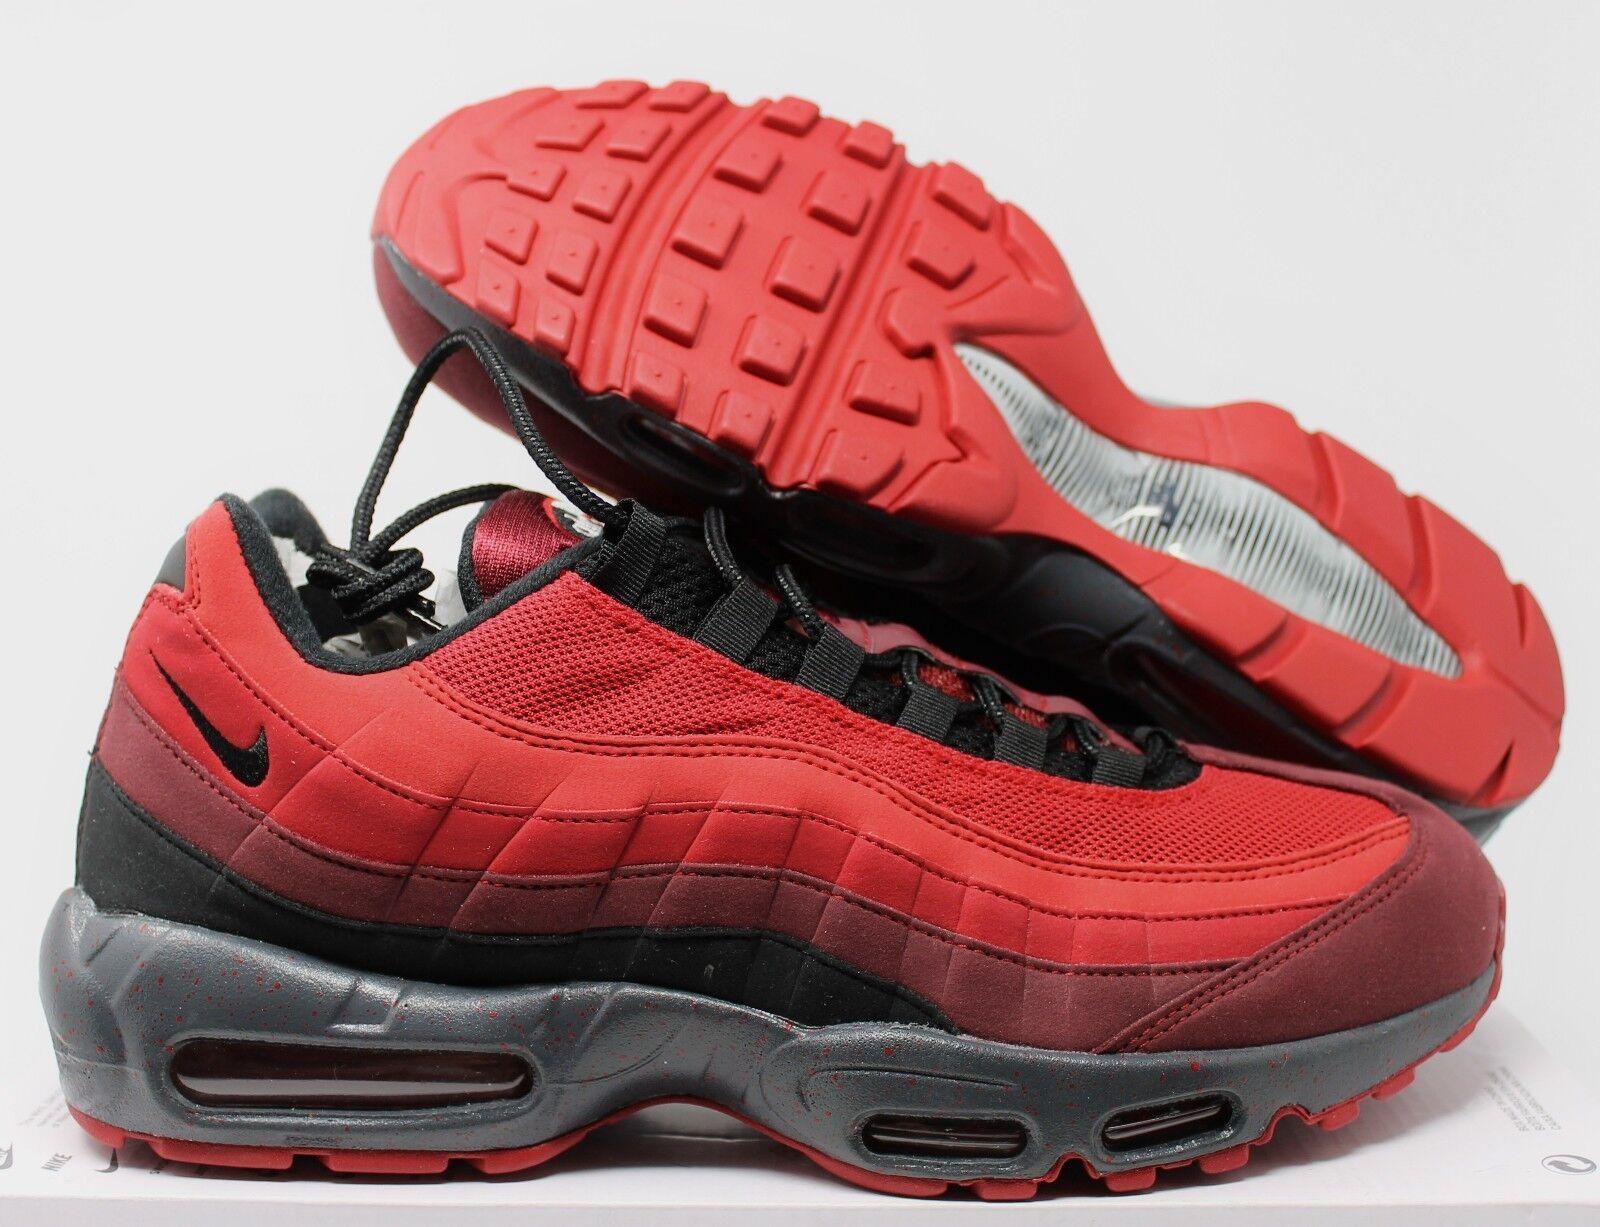 Nike Nike Nike Air Max 95 iD Red-Black-Grey sz 12 [818592-996] 322403